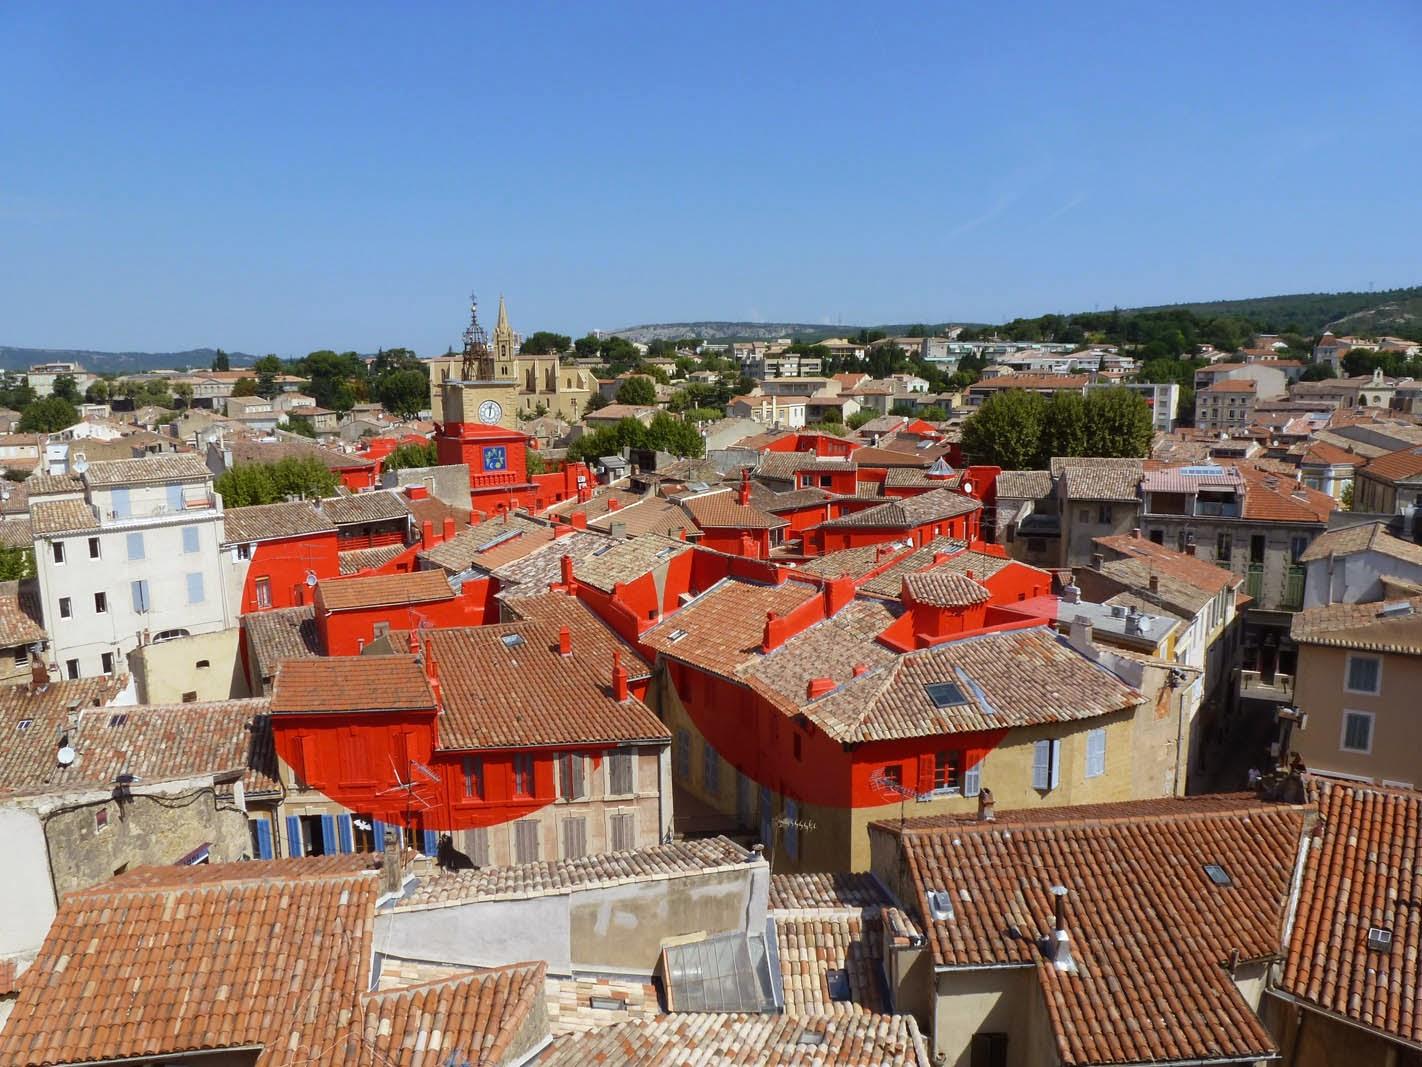 Petites histoires sur l 39 architecture des ronds rouges sur for Presto pizza salon de provence